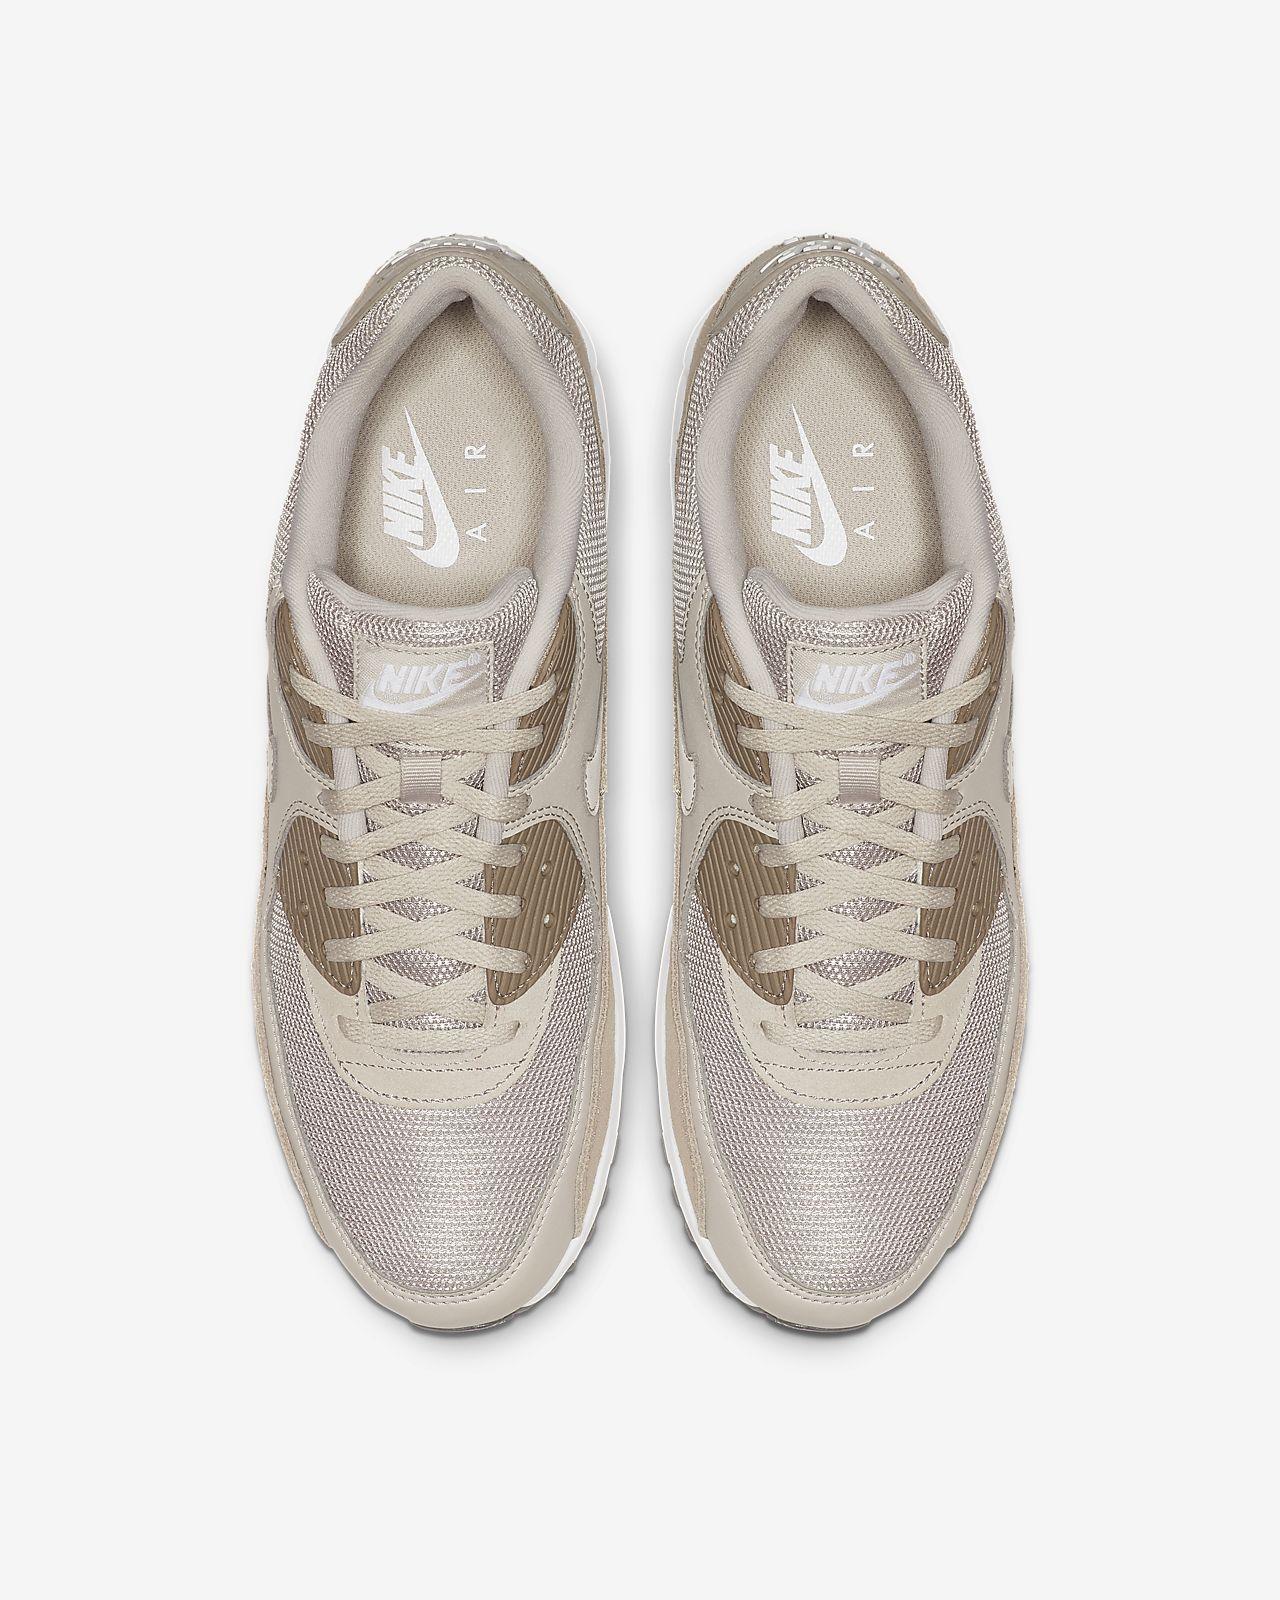 separation shoes 5c451 2a6dc ... Nike Air Max 90 Essential Men s Shoe